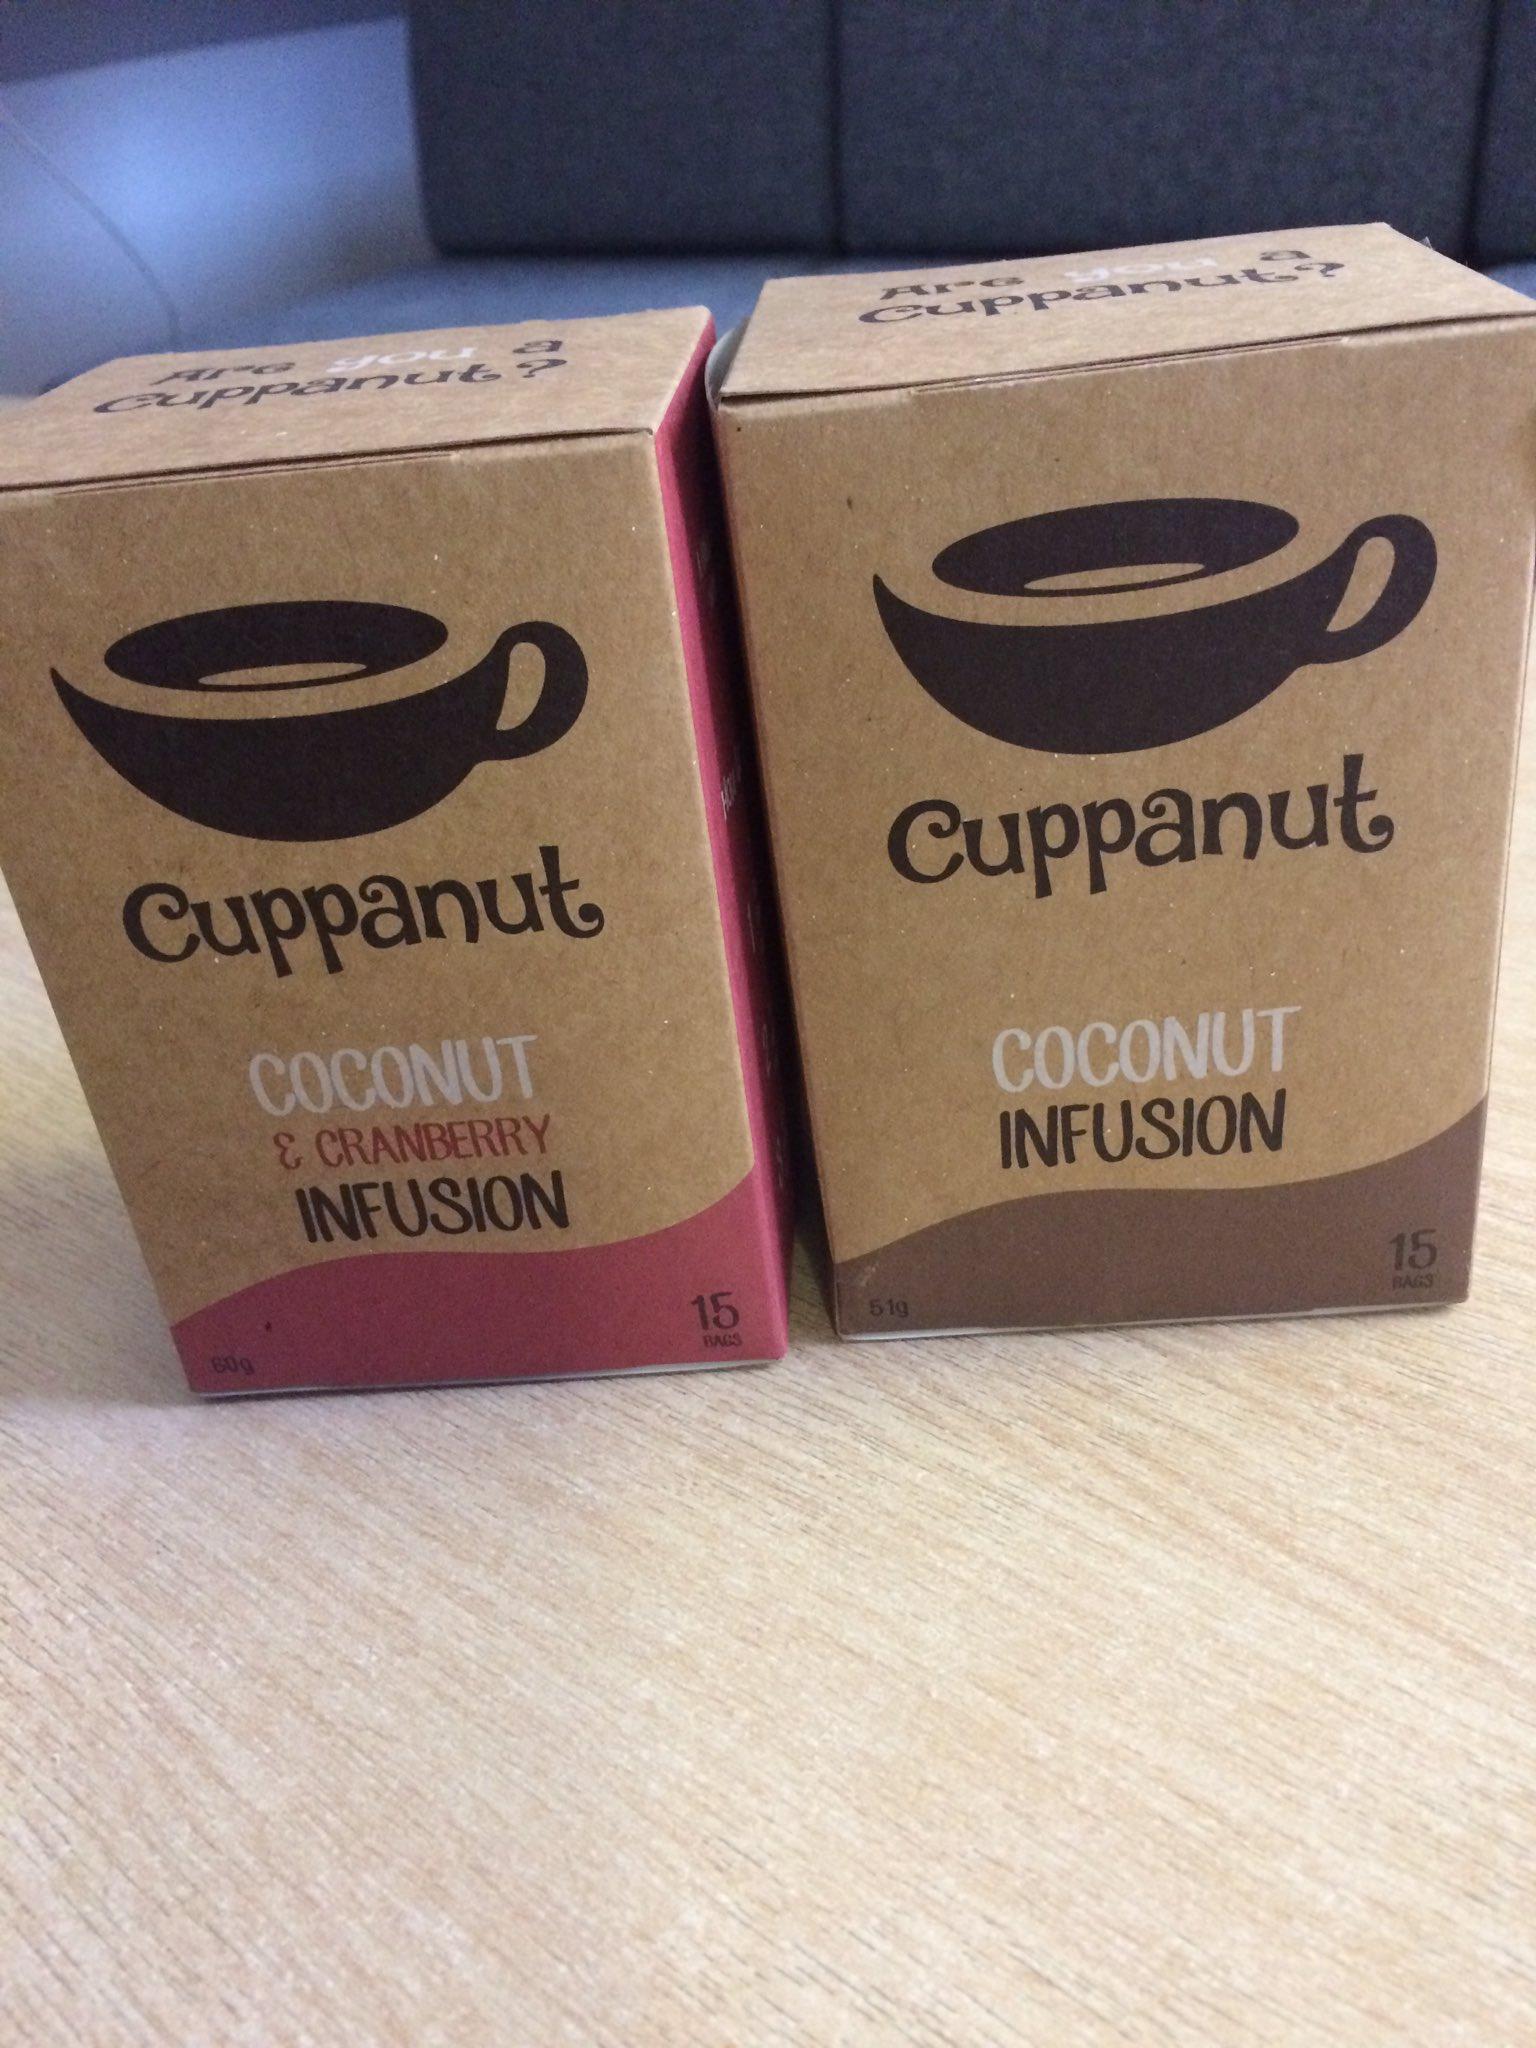 RT @kirsty197: @Gareth_Gates @cuppanuttea best birthday pressie...the girls at work know me so well!  🙂 xx https://t.co/YiBSPYMuIY